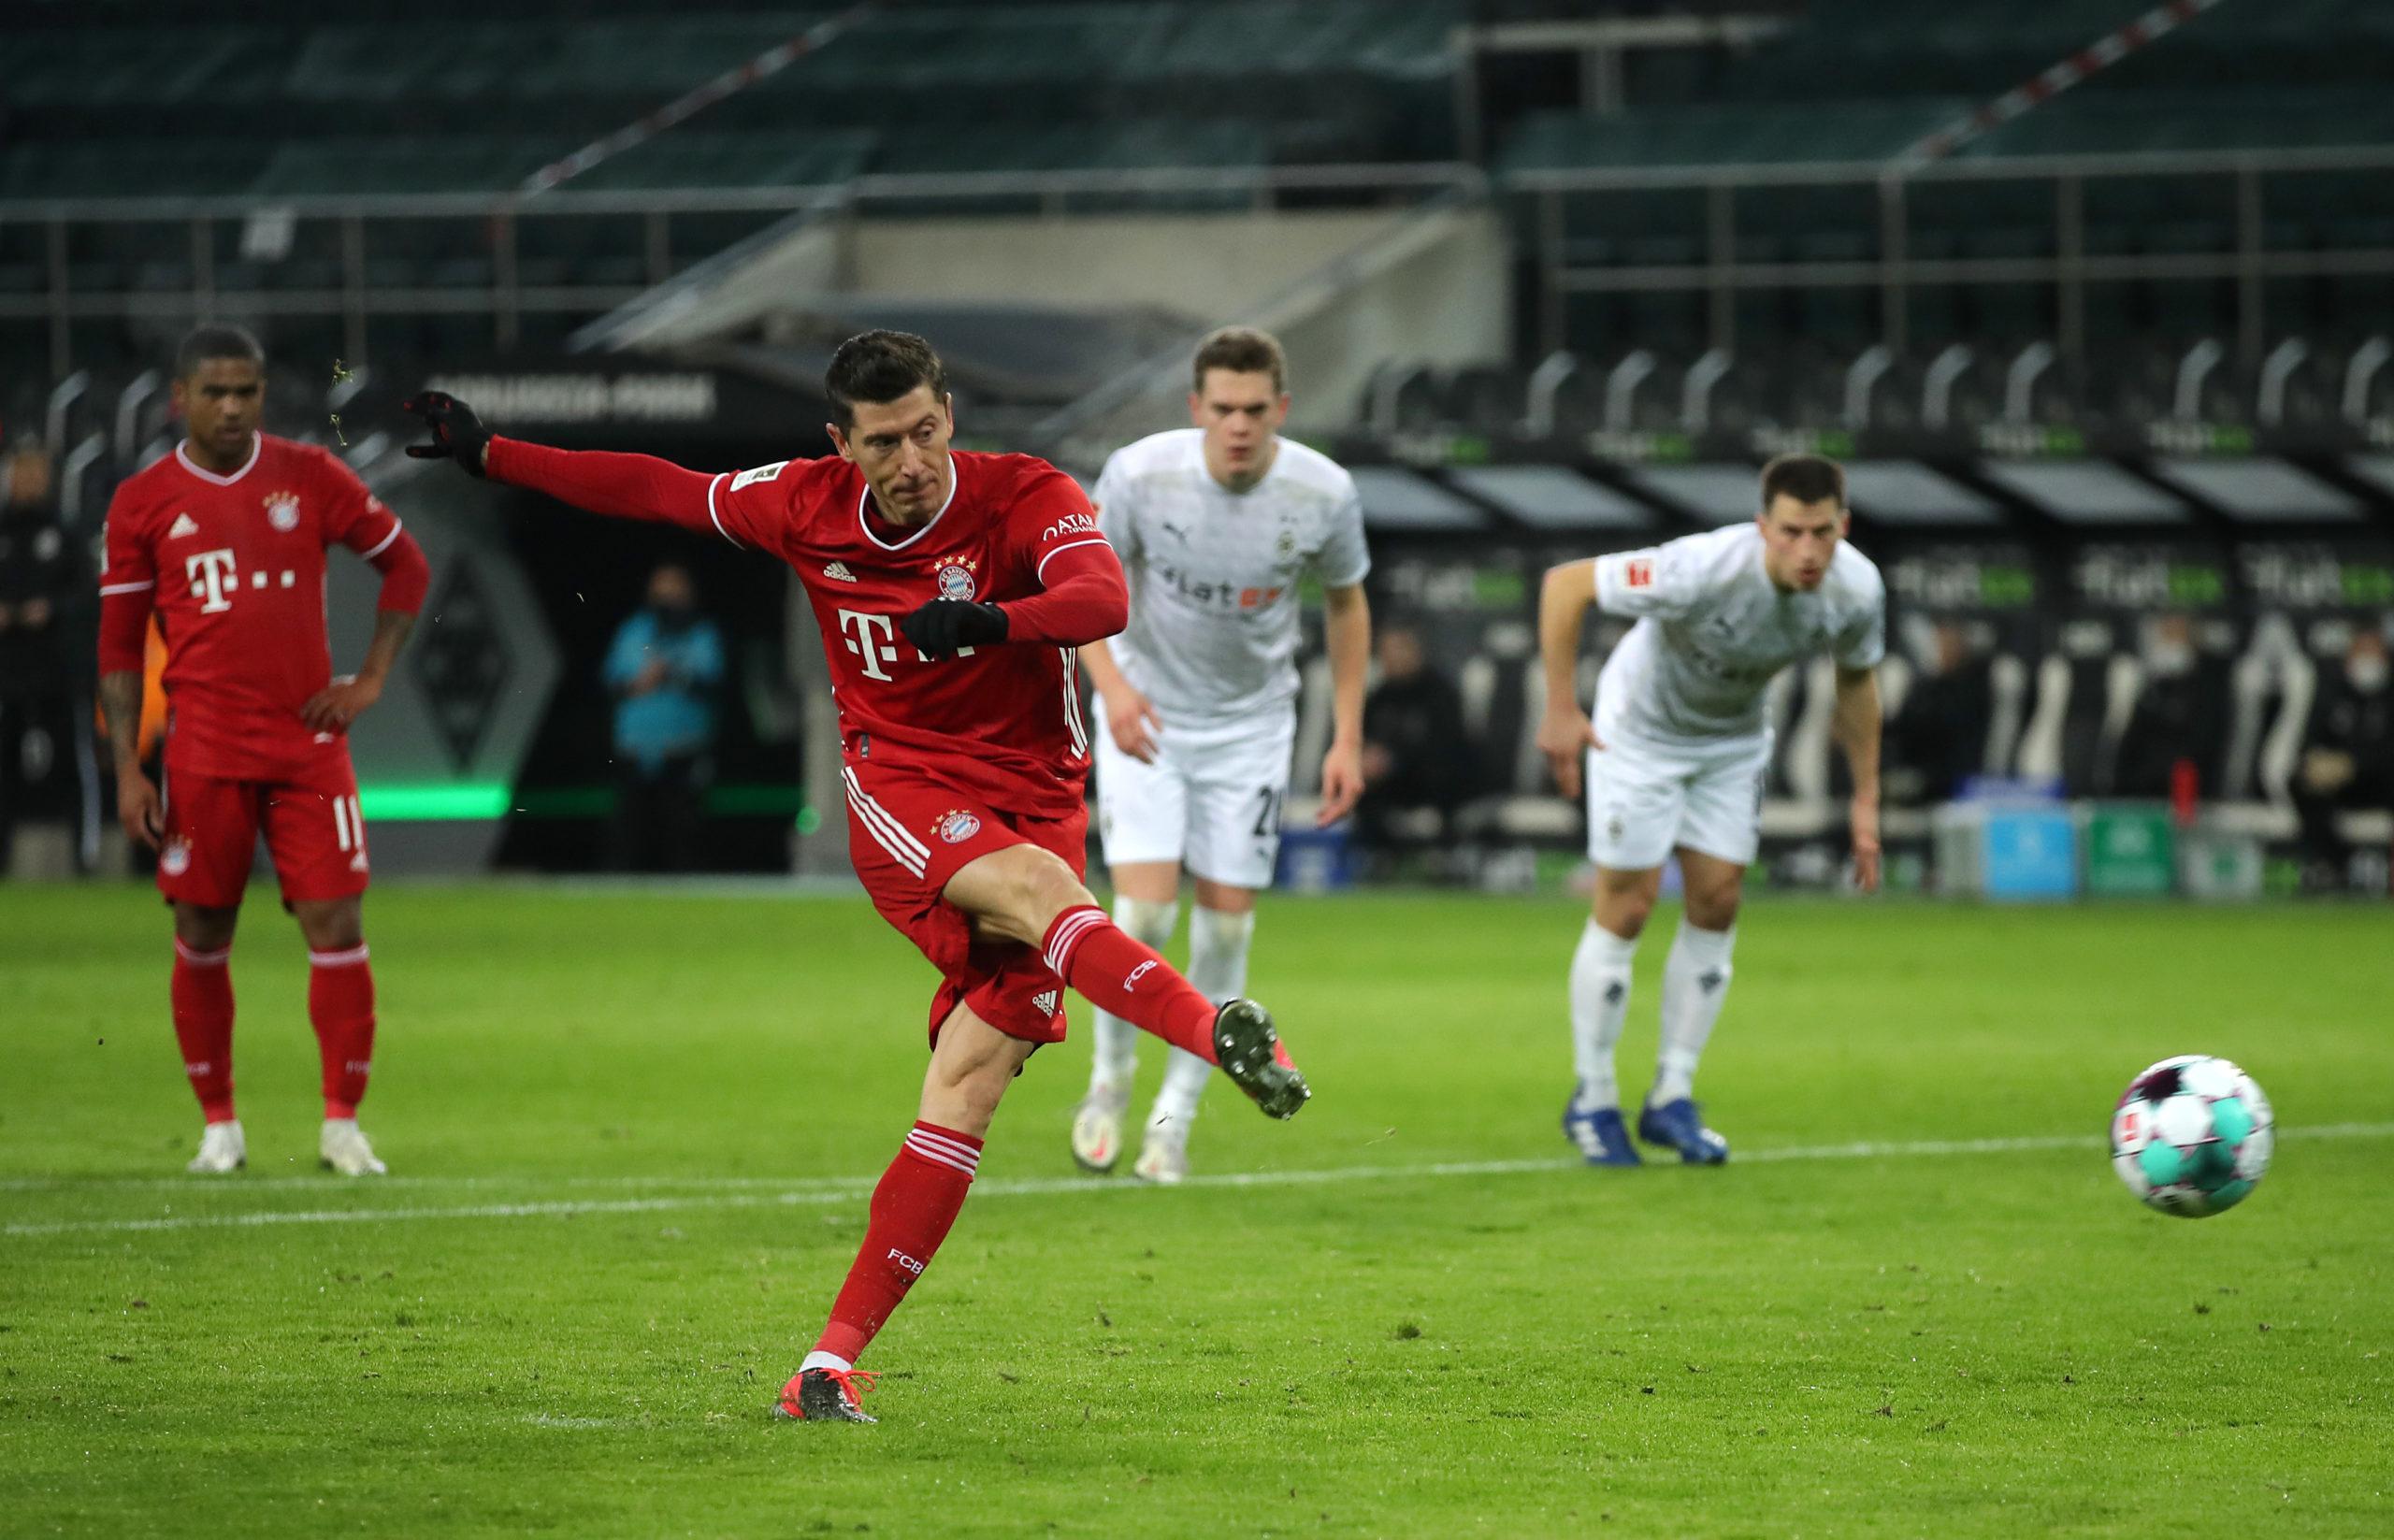 Bayern Munich against Borussia Monchengladbach [PHOTO CREDIT: @FCBayernEN]